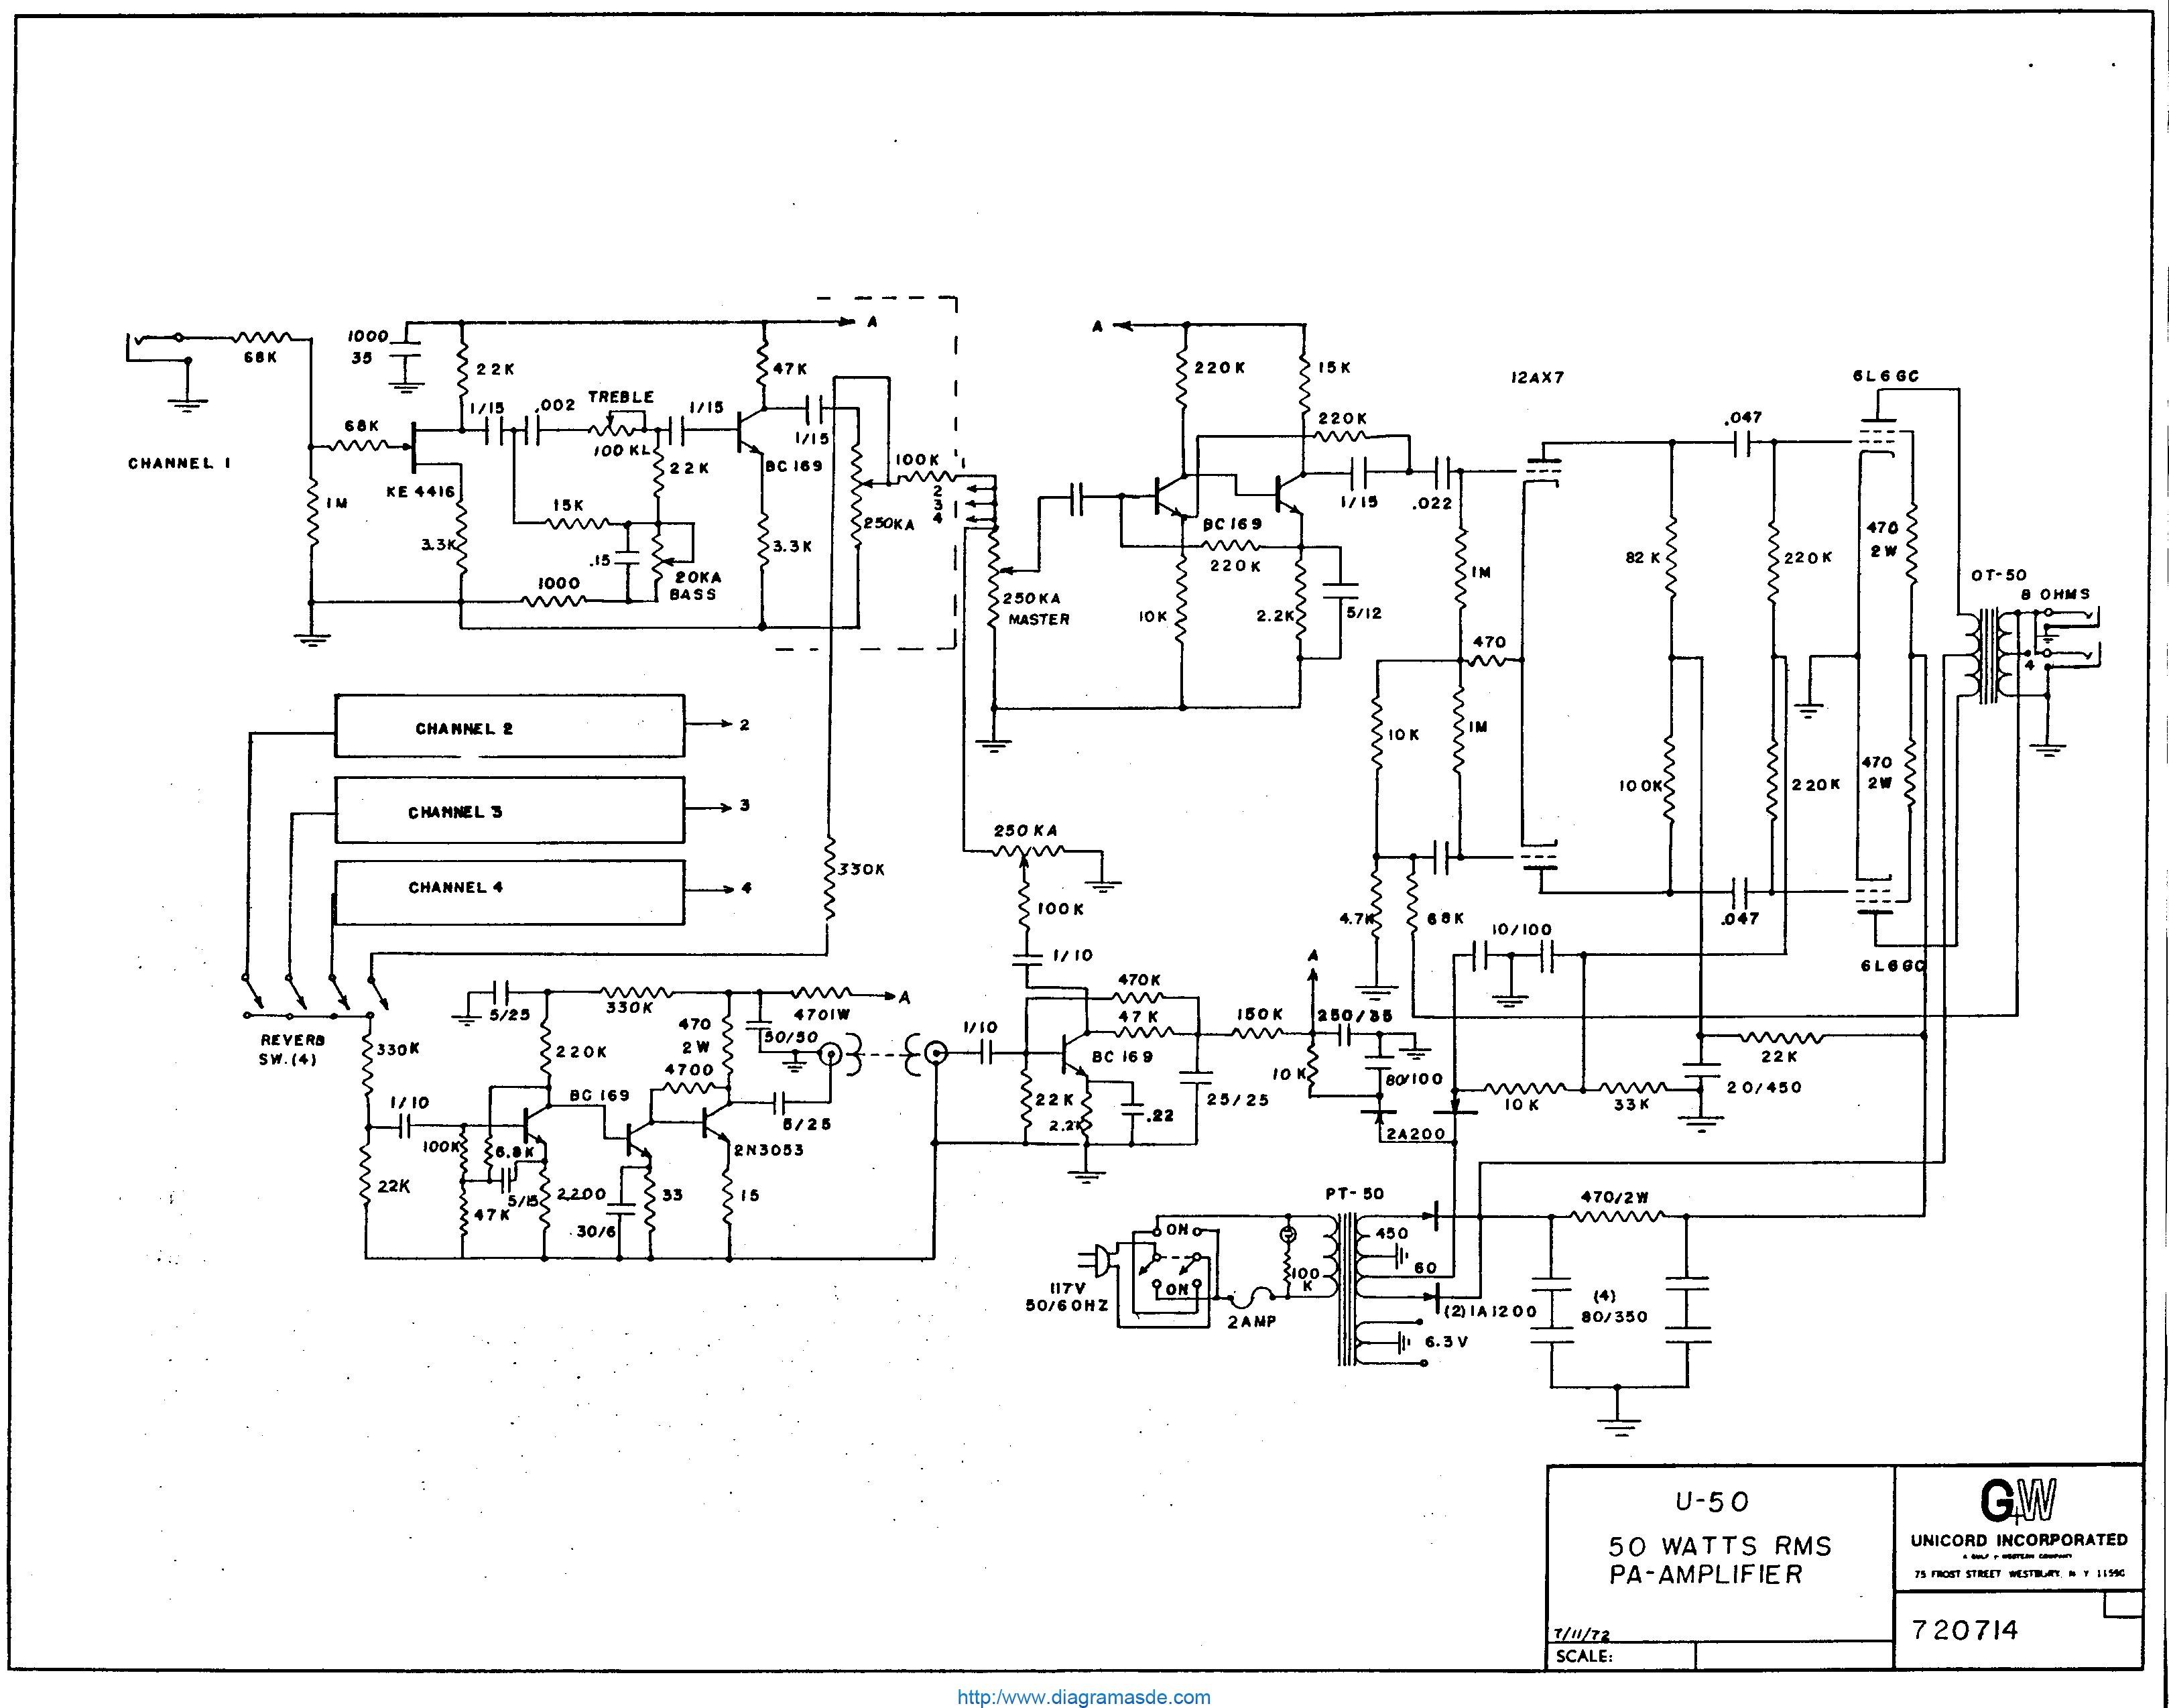 univox50.pdf